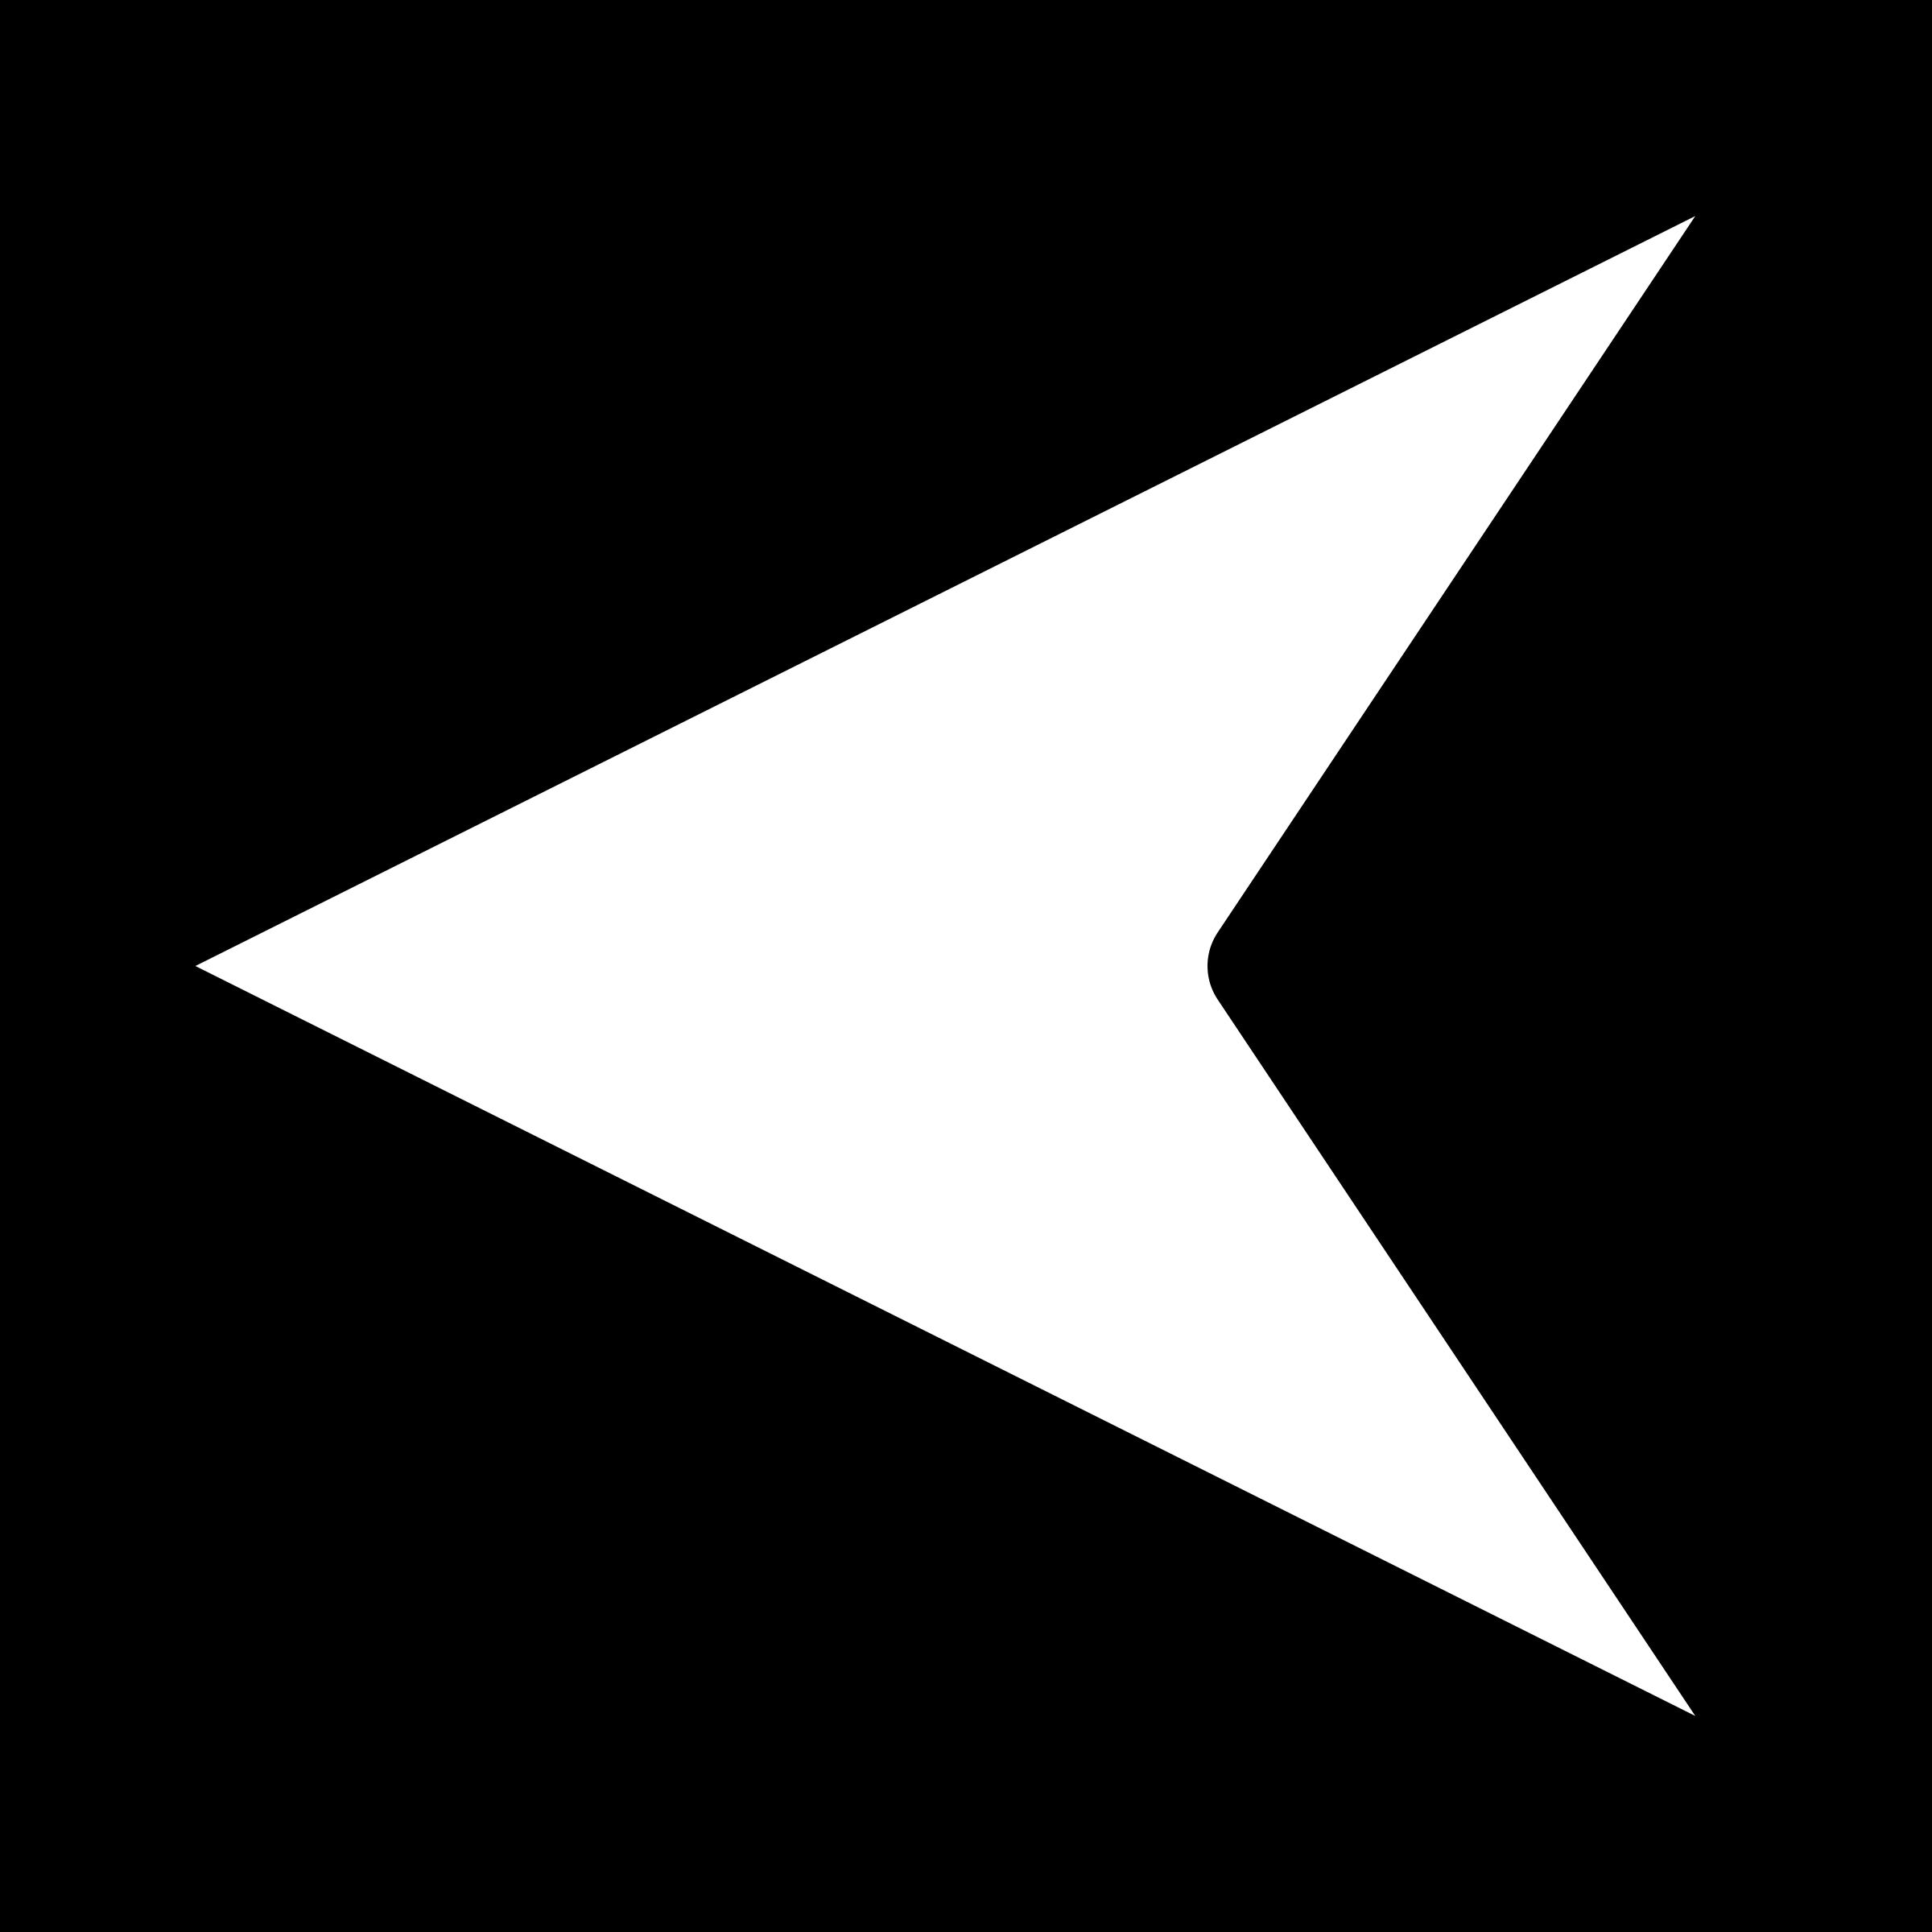 Big image png. Clipart arrows plain